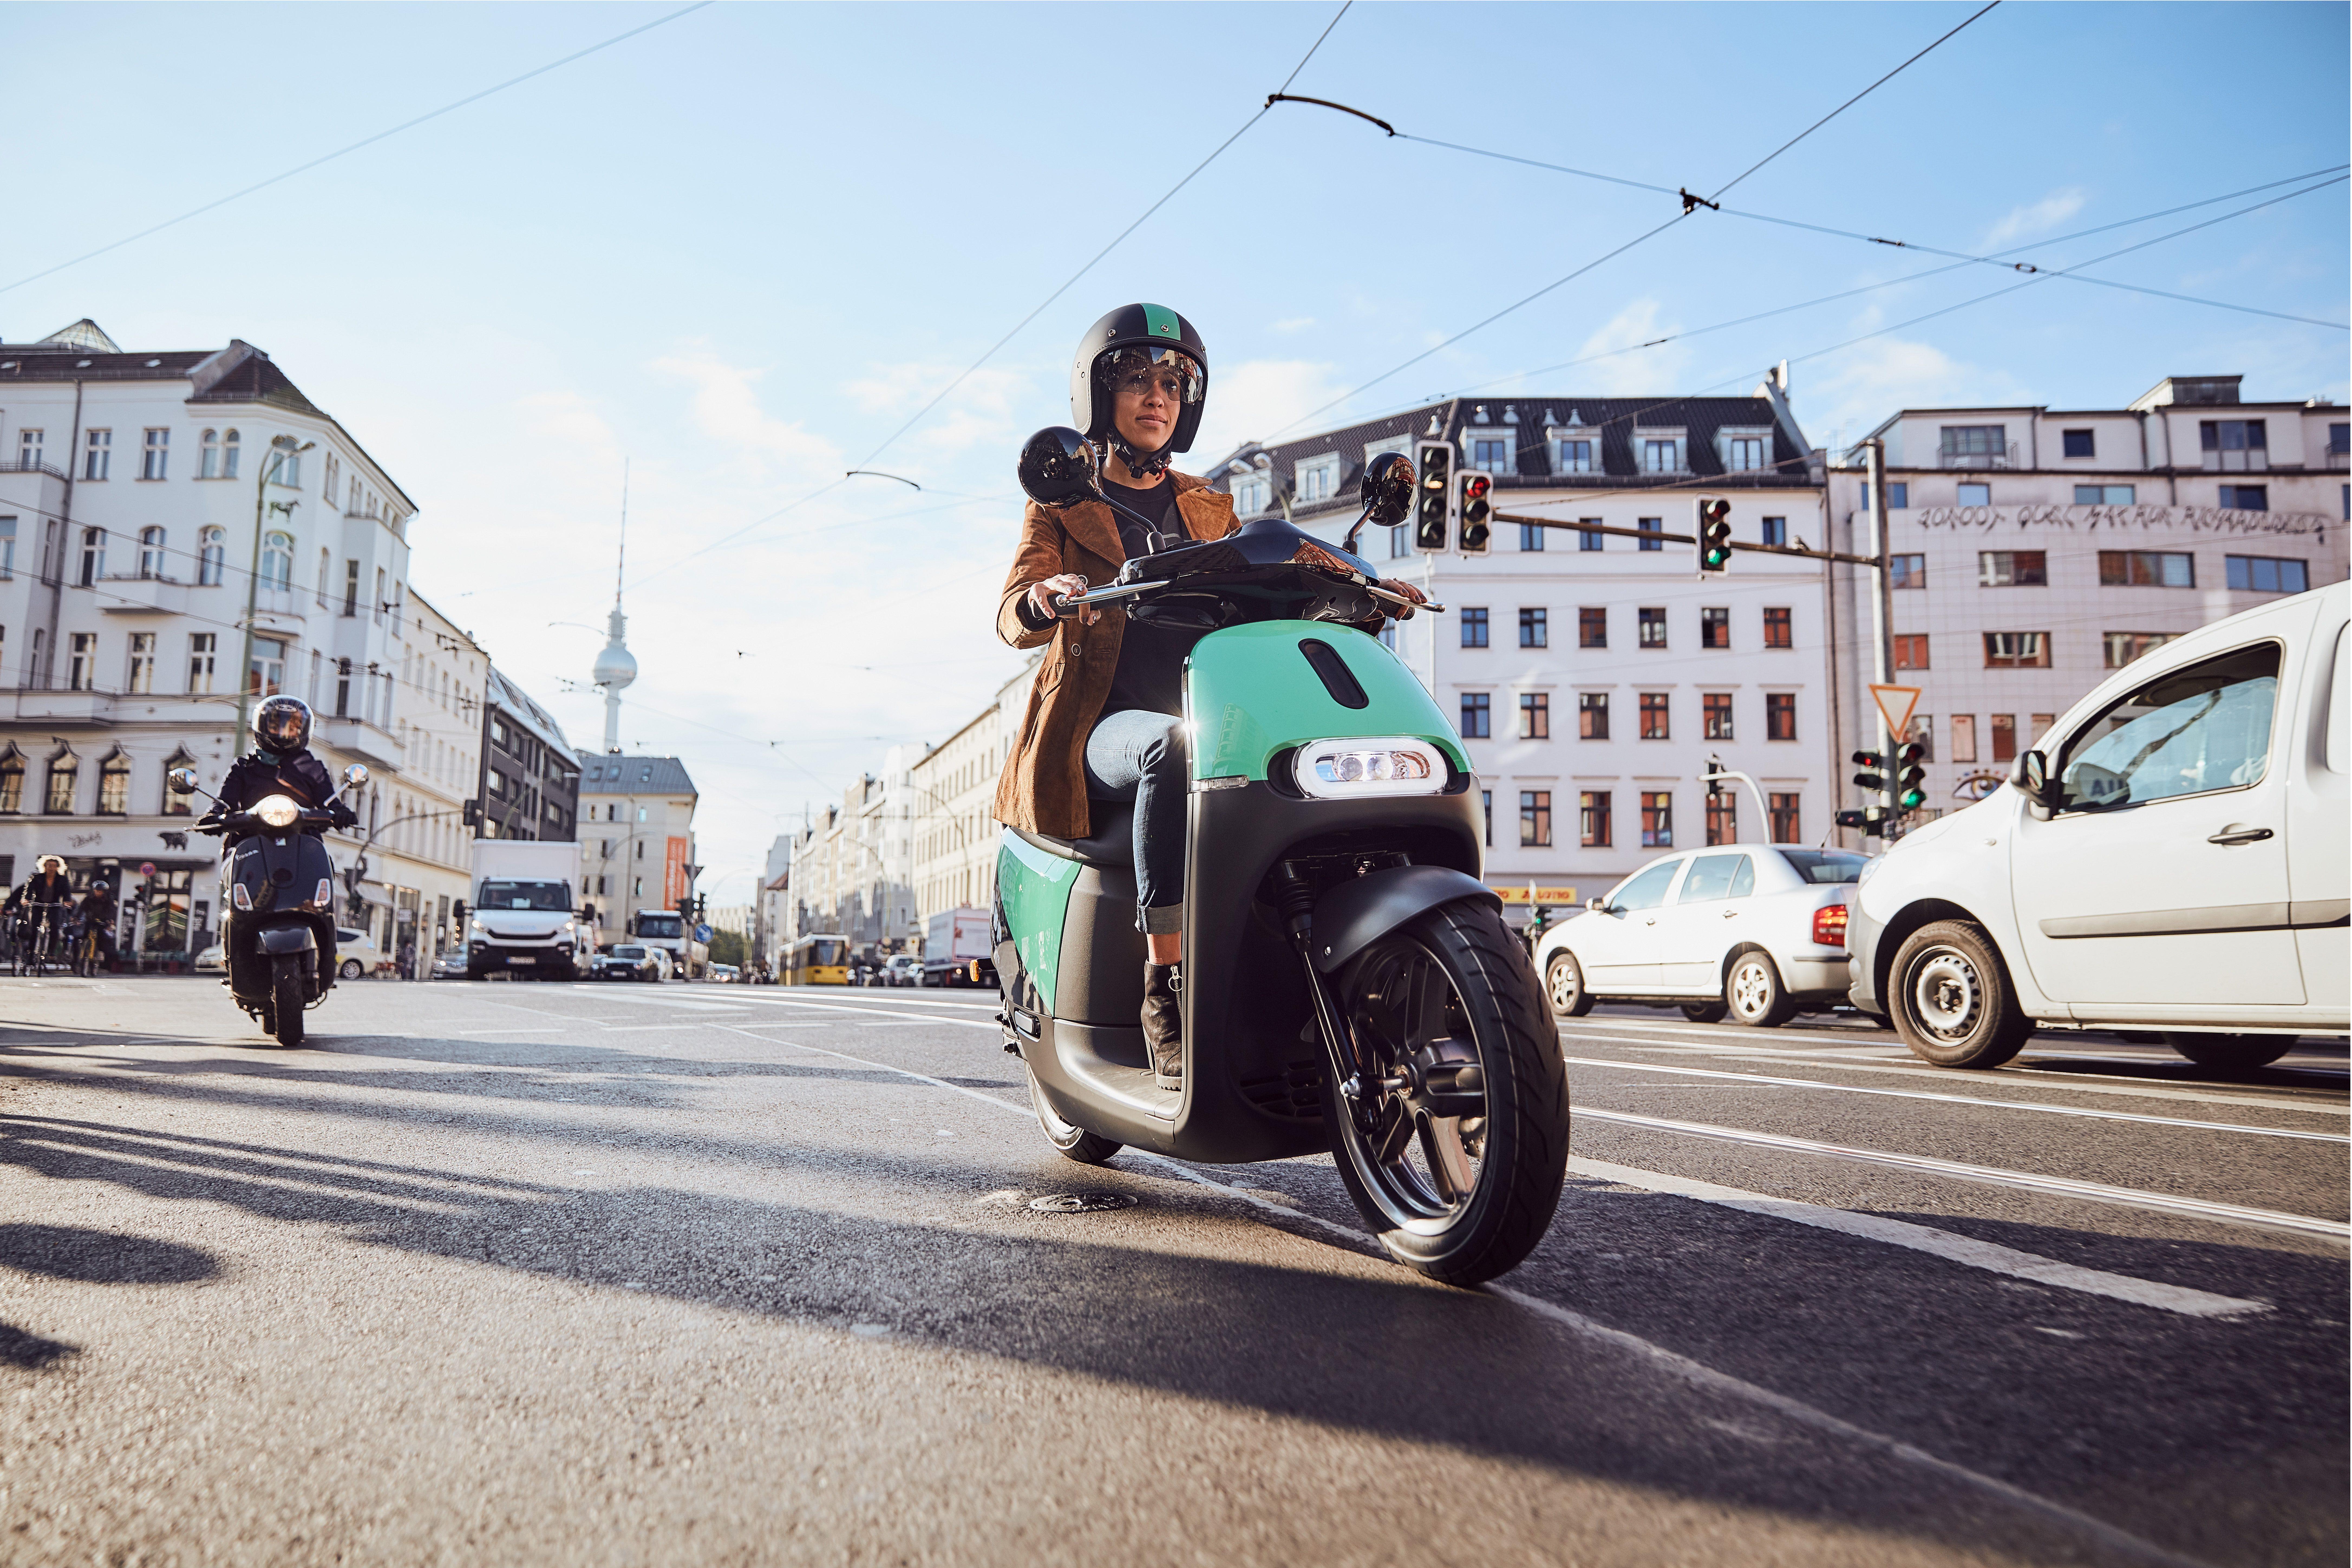 COUP - serviço de compartilhamento de scooter